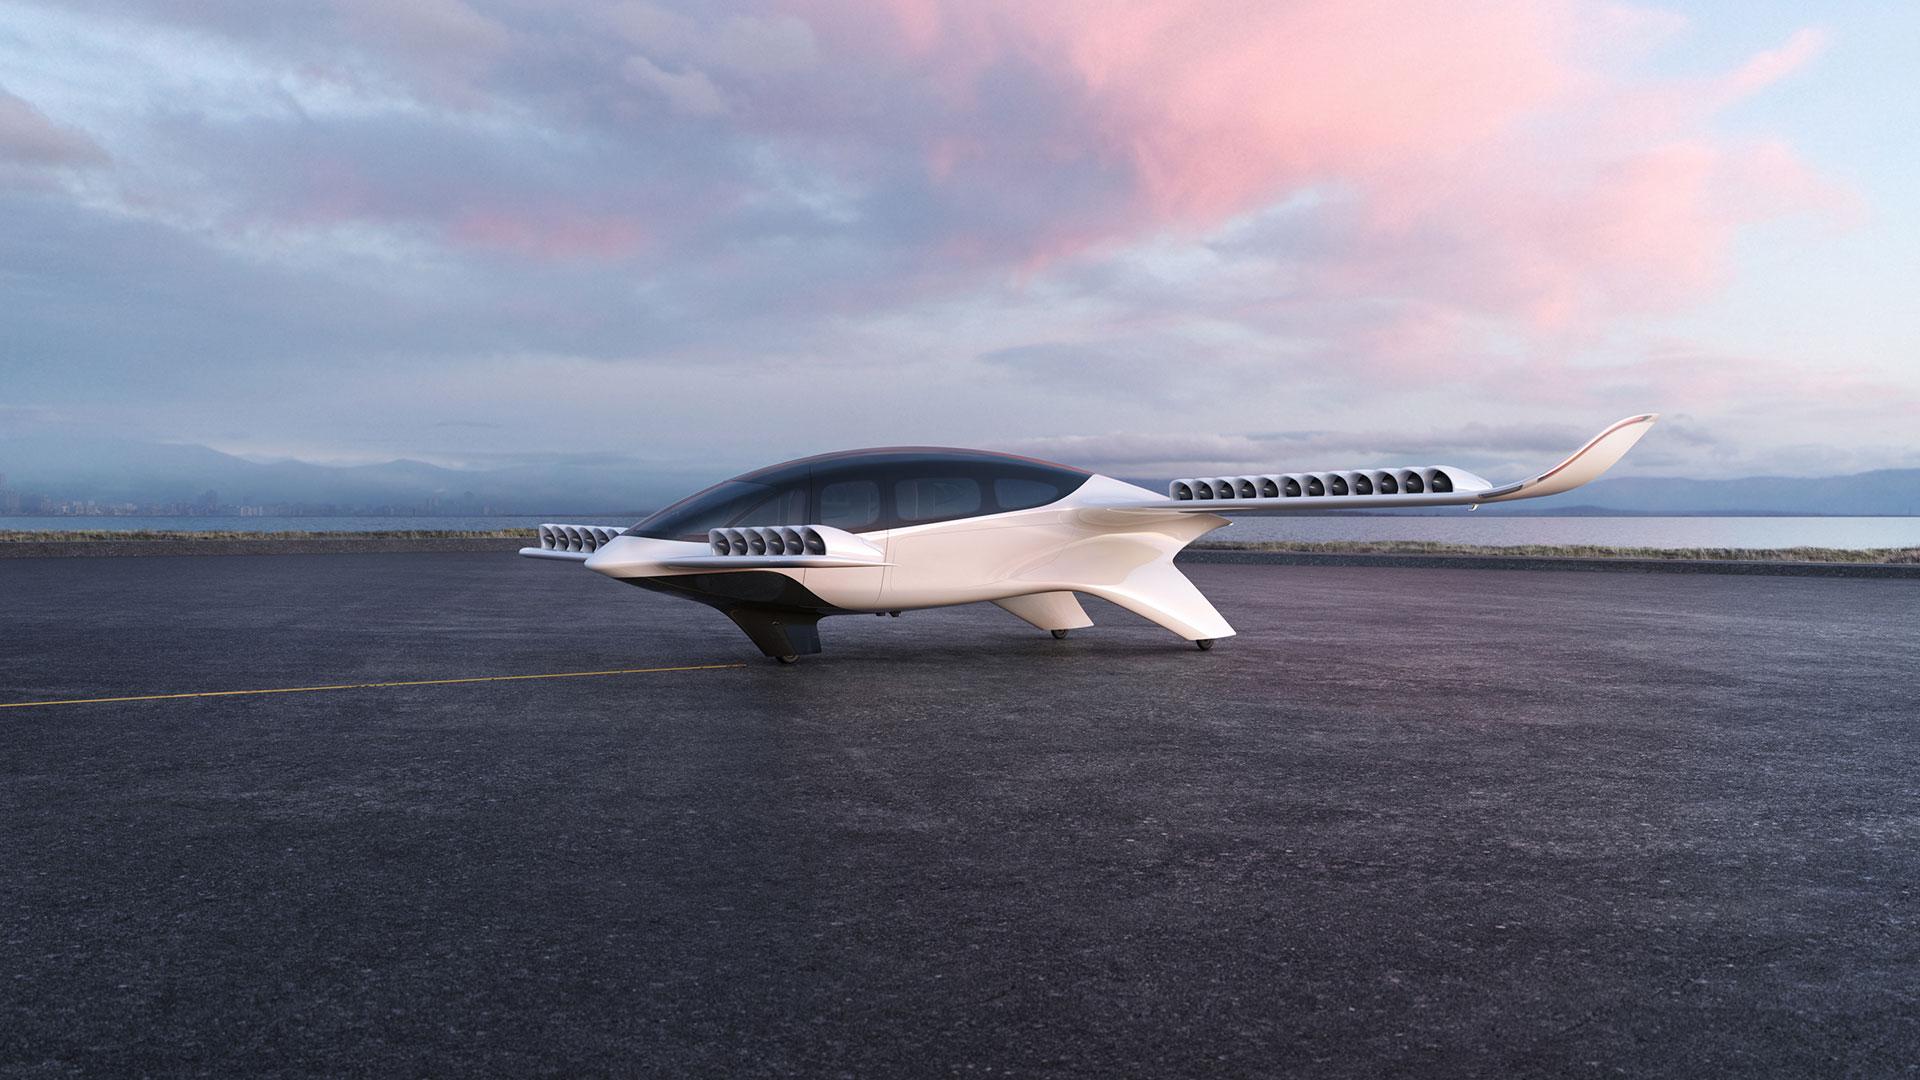 Lilium setzt auf senkrecht Startende Flugdrohnen mit Pilot